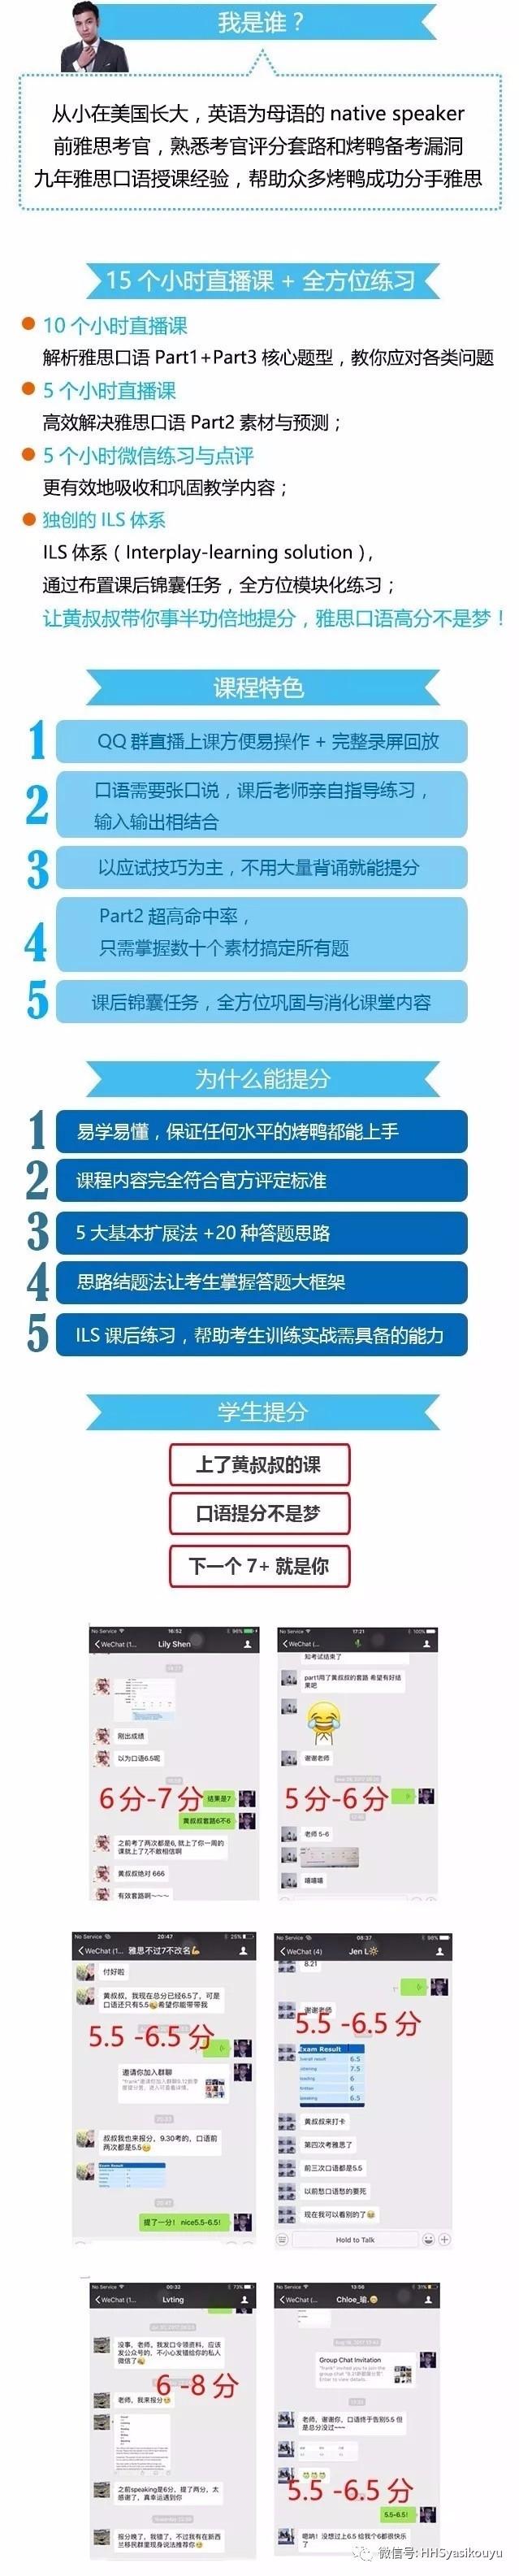 中国基站好用也好美 升哲科技Alpha物联网基站斩获德国红点奖